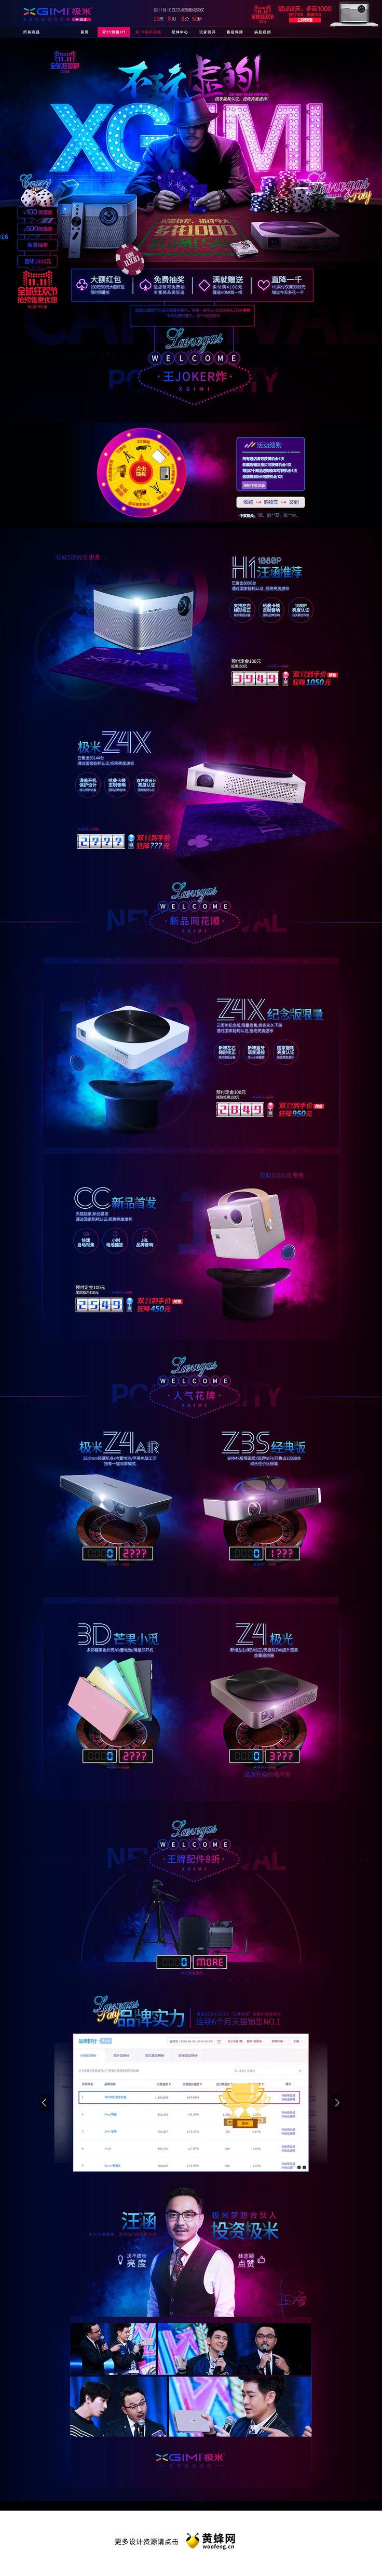 极米科技家电数码家用电器天猫双11预售双十一预售页面设计 更多设计资源尽在黄蜂网http://woofeng.cn/